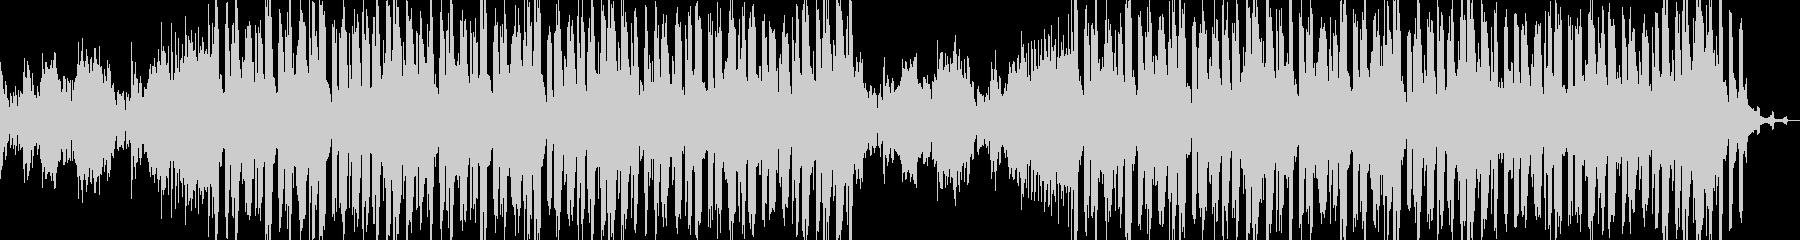 琴メイン 近来的で静かなBGMの未再生の波形